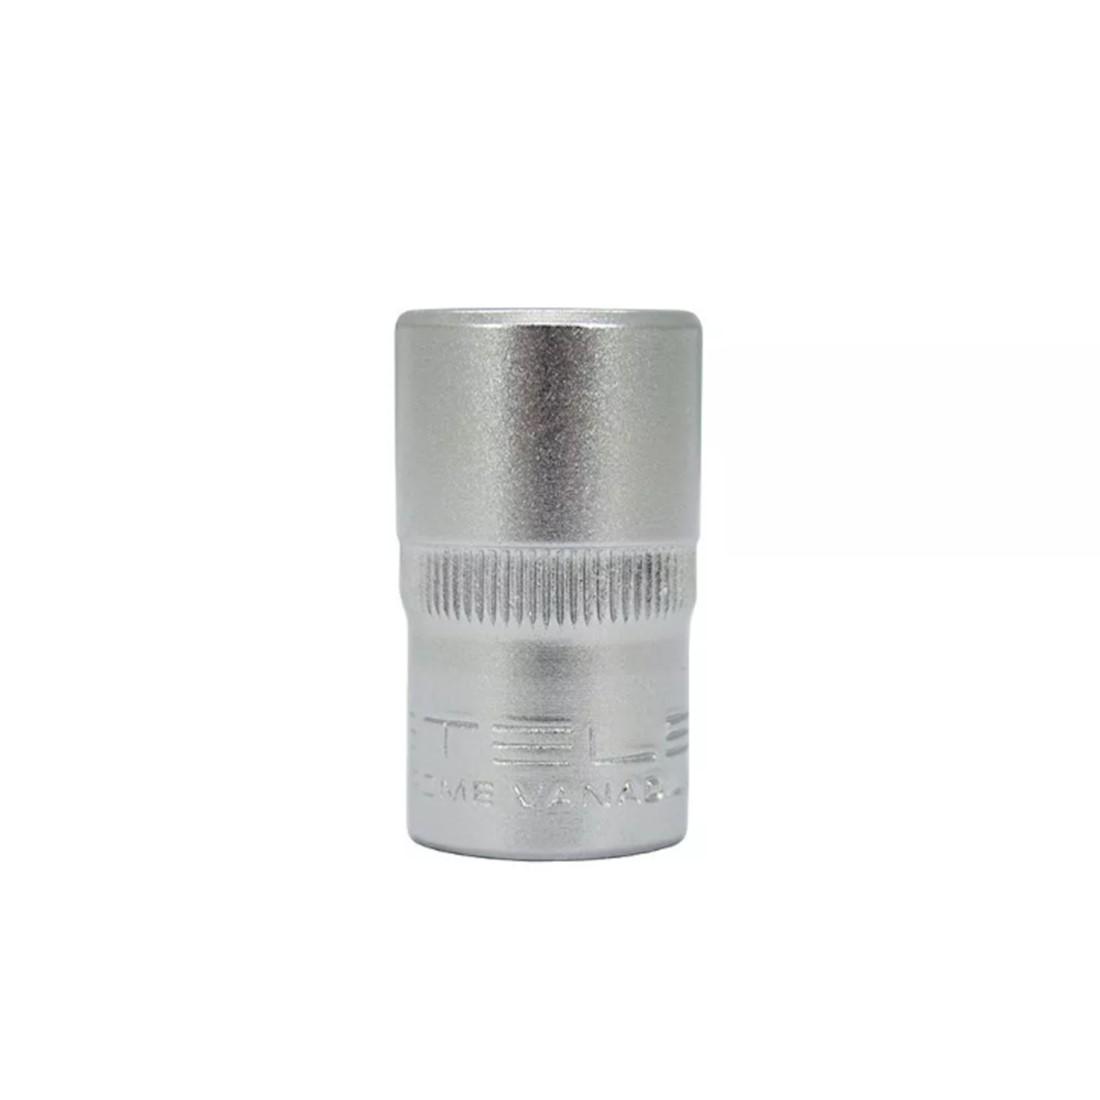 Soquete Sextavado 13mm com Encaixe de 1/2 Pol - Stels